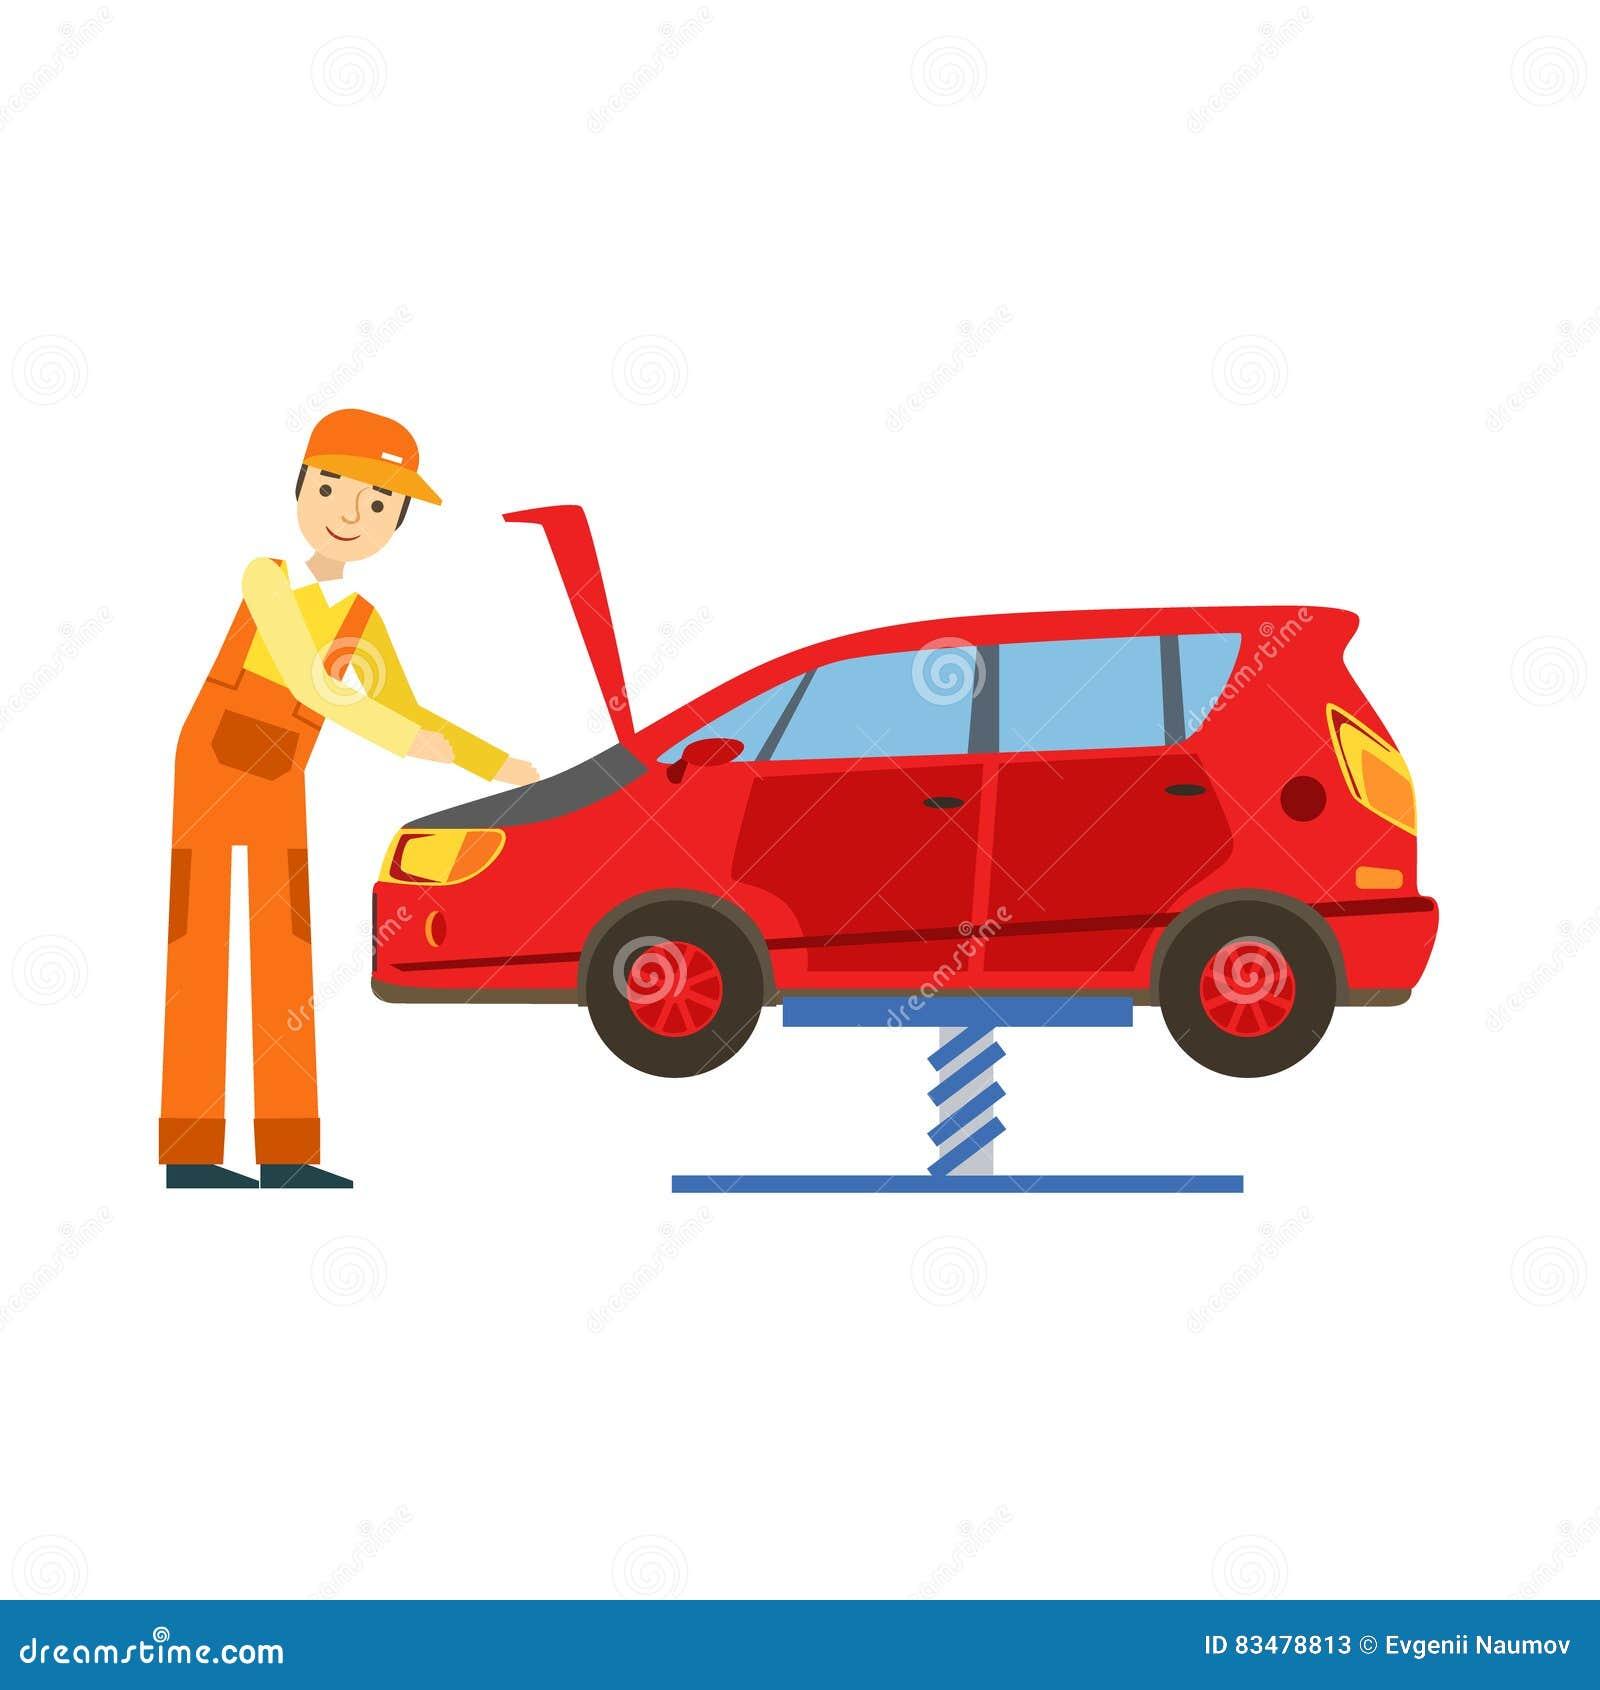 Lächelnder Mechaniker Looking At Engine in der Garage, Auto-Reparatur-Werkstatt-Service-Illustration